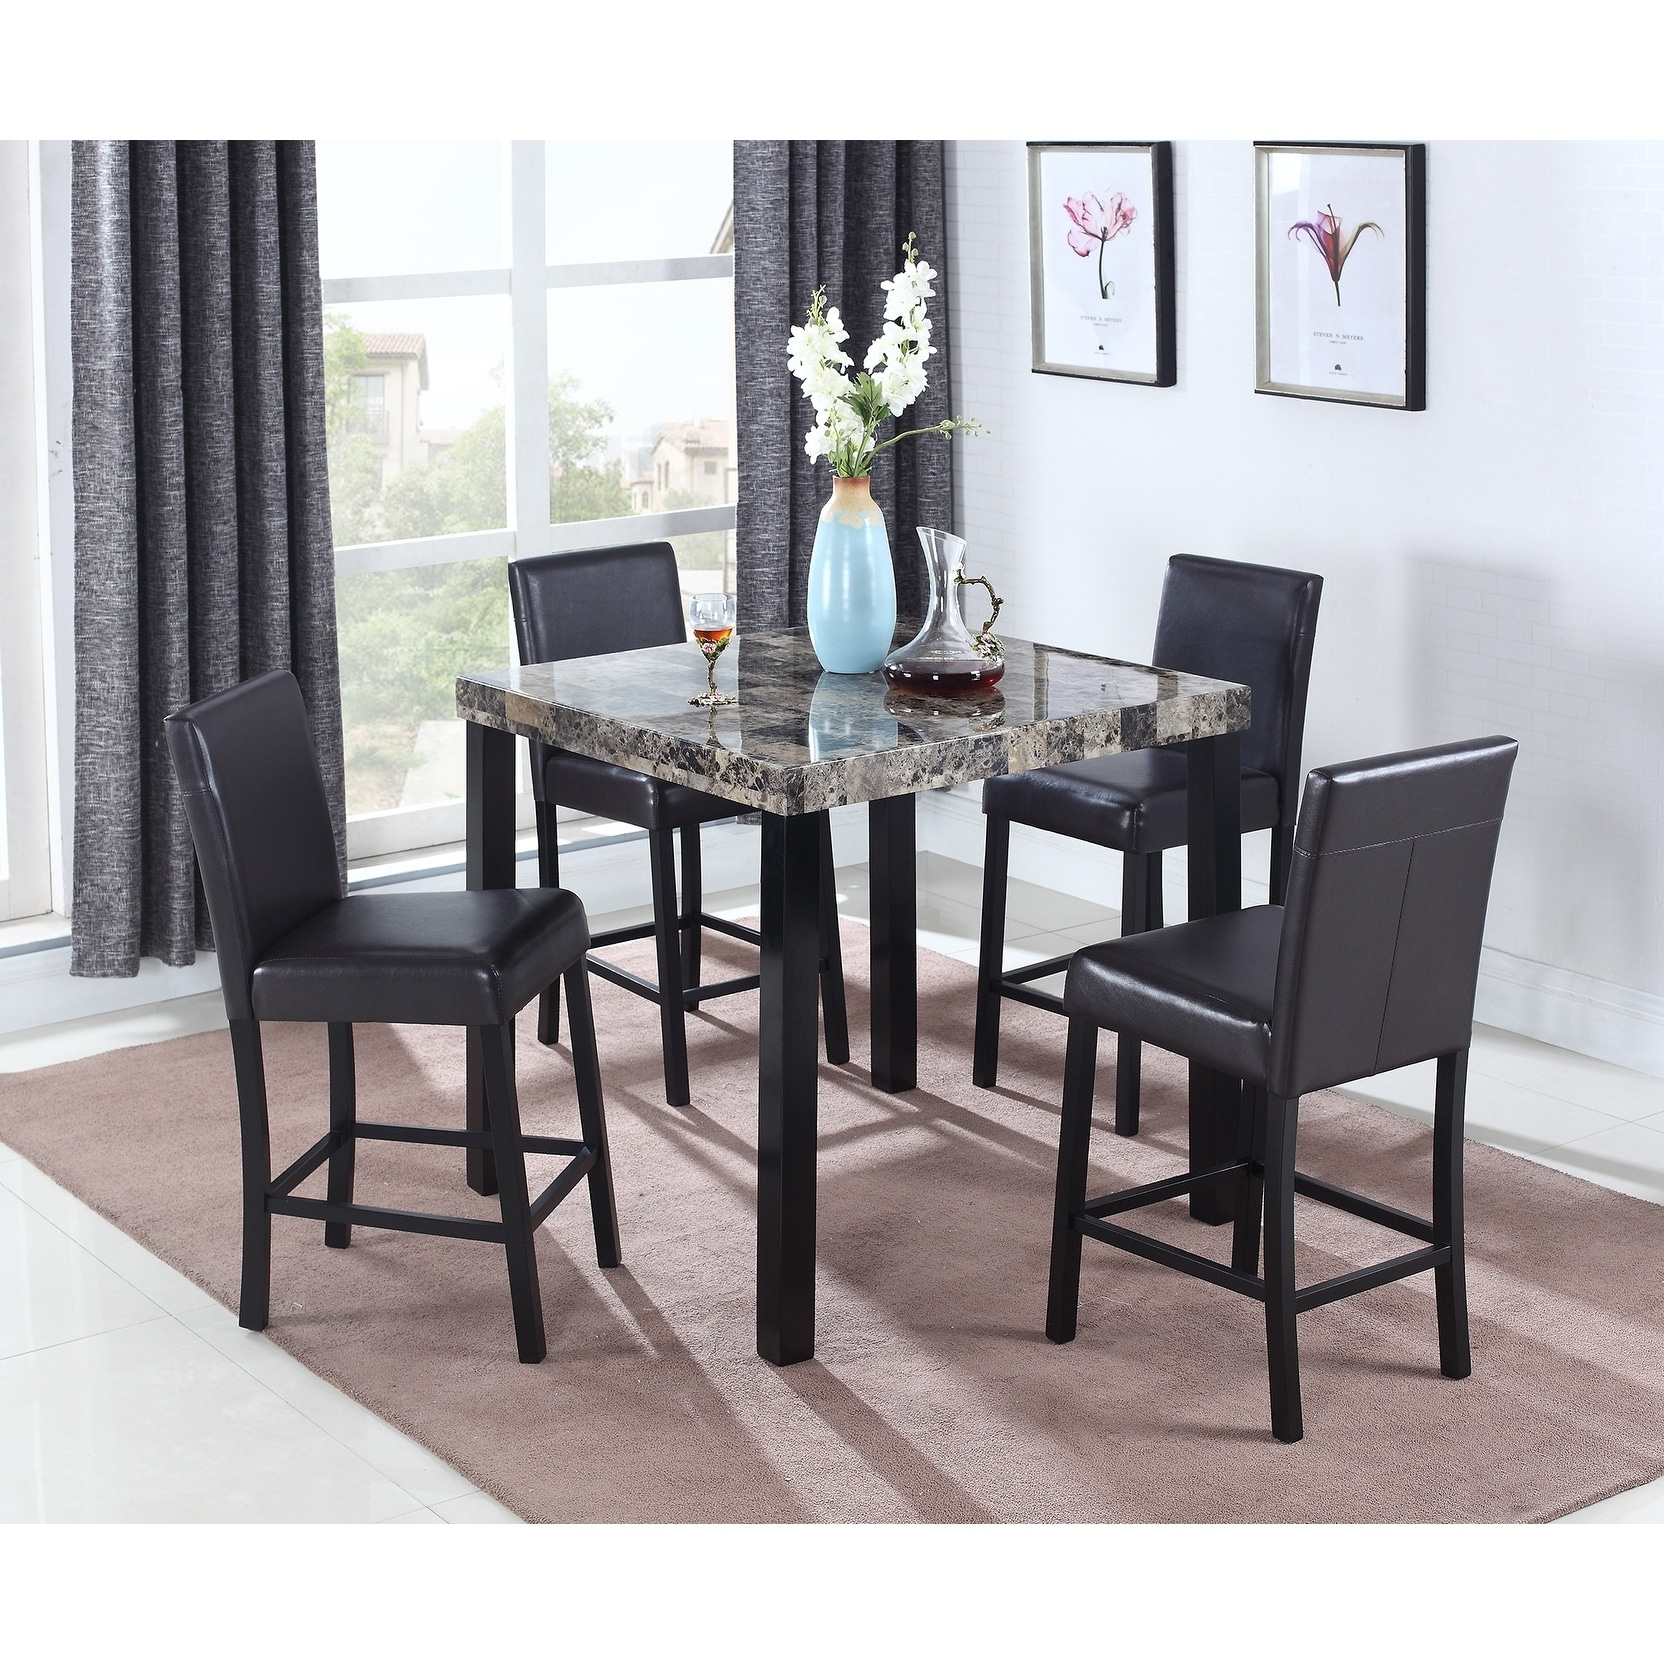 Shop Best Master Furniture CD037 5 Piece